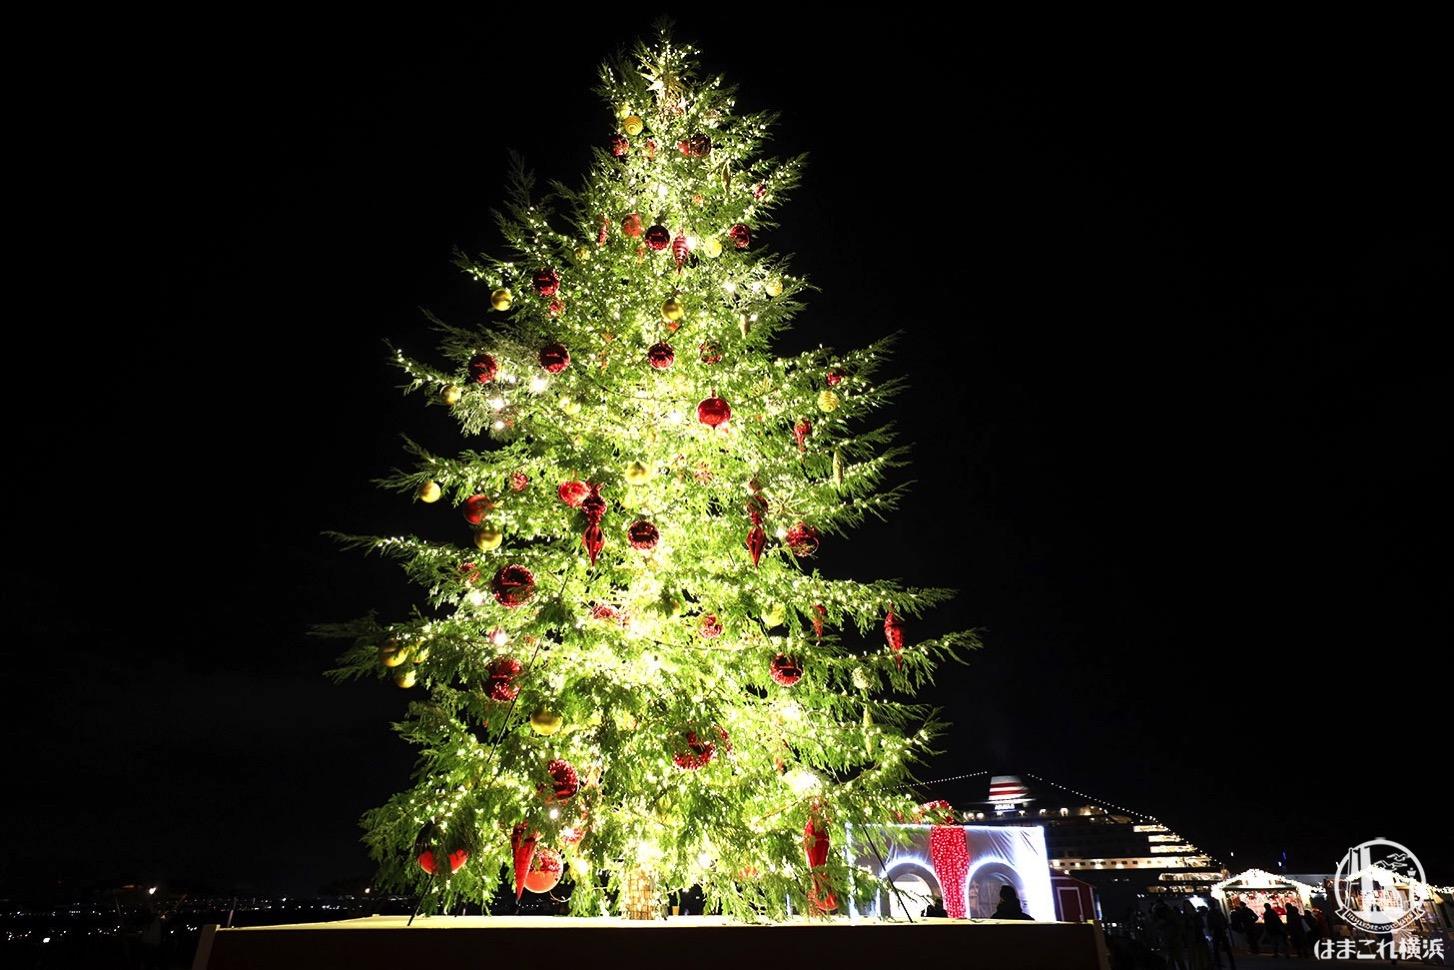 2020年 横浜赤レンガ倉庫「クリスマスマーケット」予約・現地レポ!良き雰囲気満喫